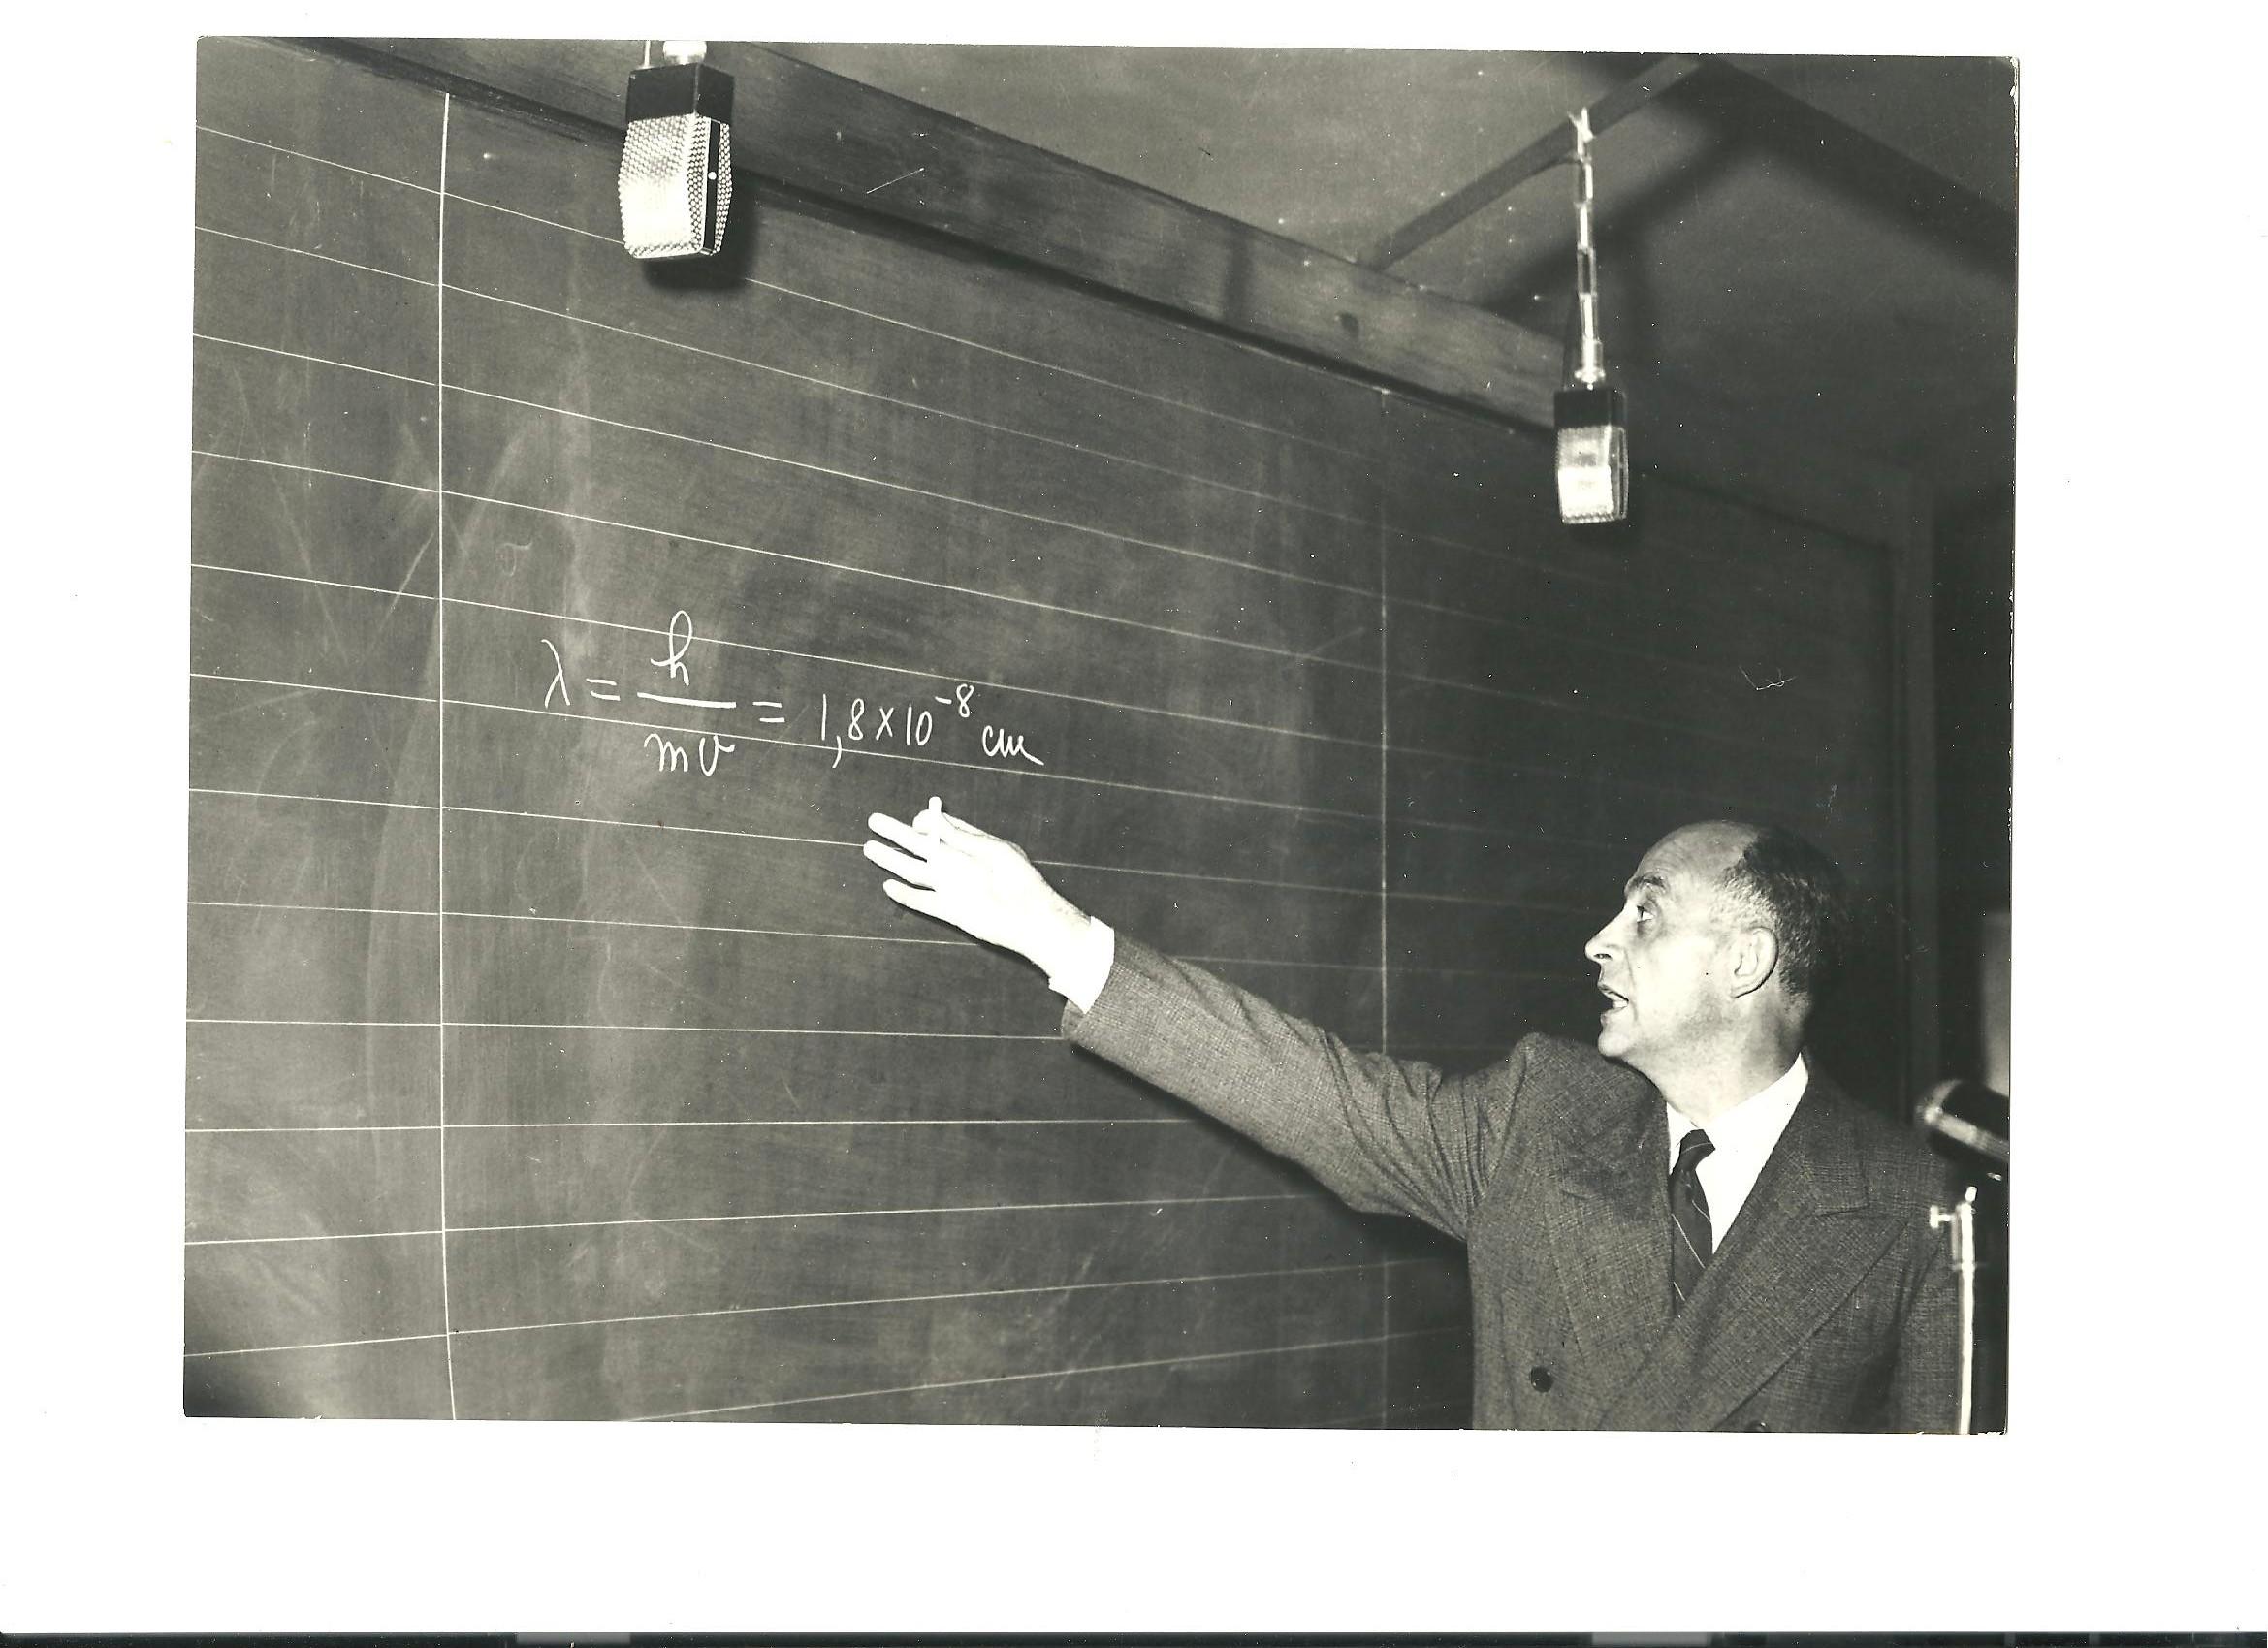 Enrico Fermi: A Short Biography